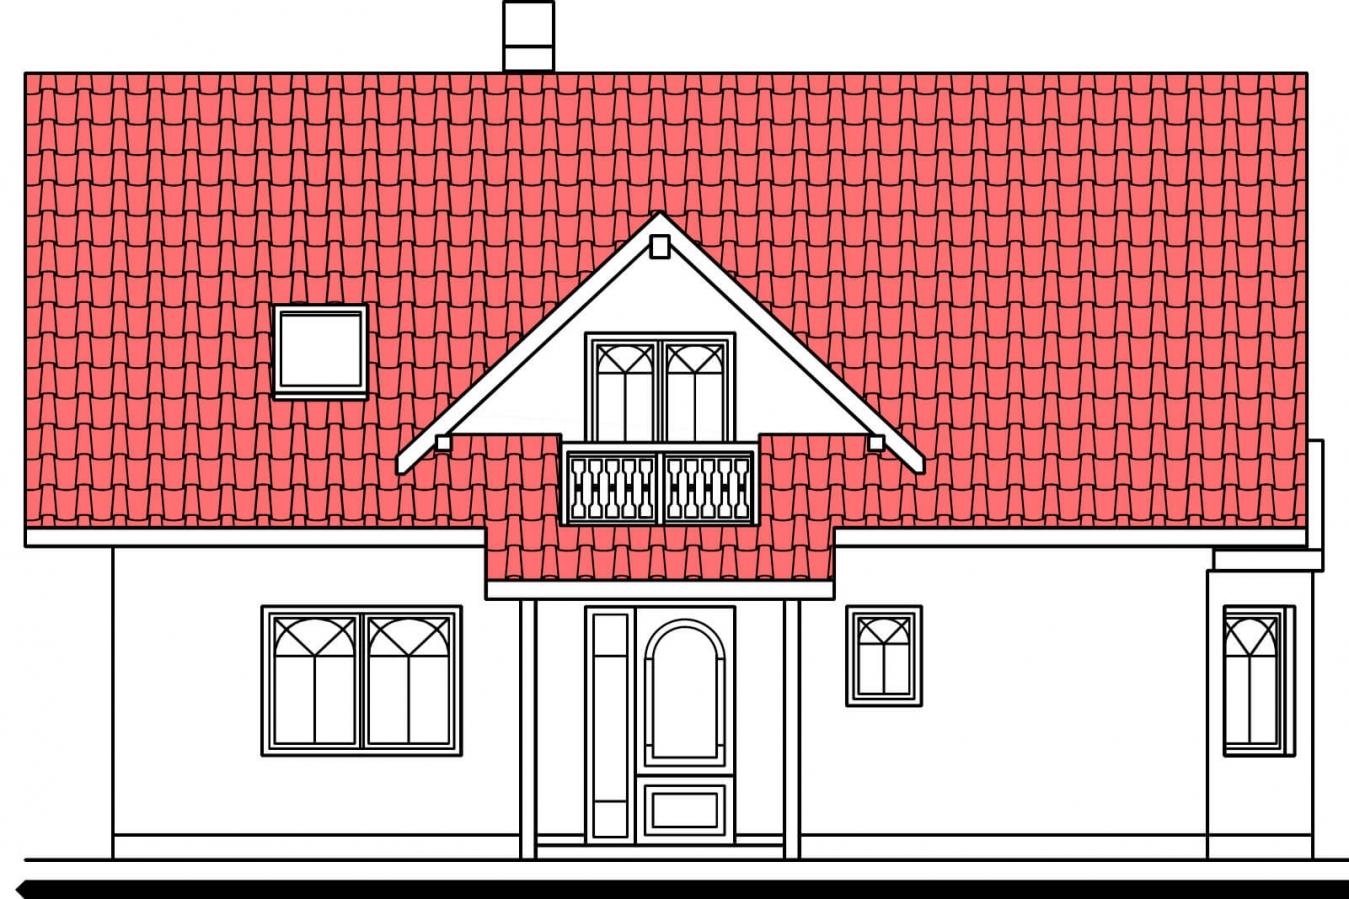 Pohľad 1. - Projekt domu na úzky pozemok so suterénom